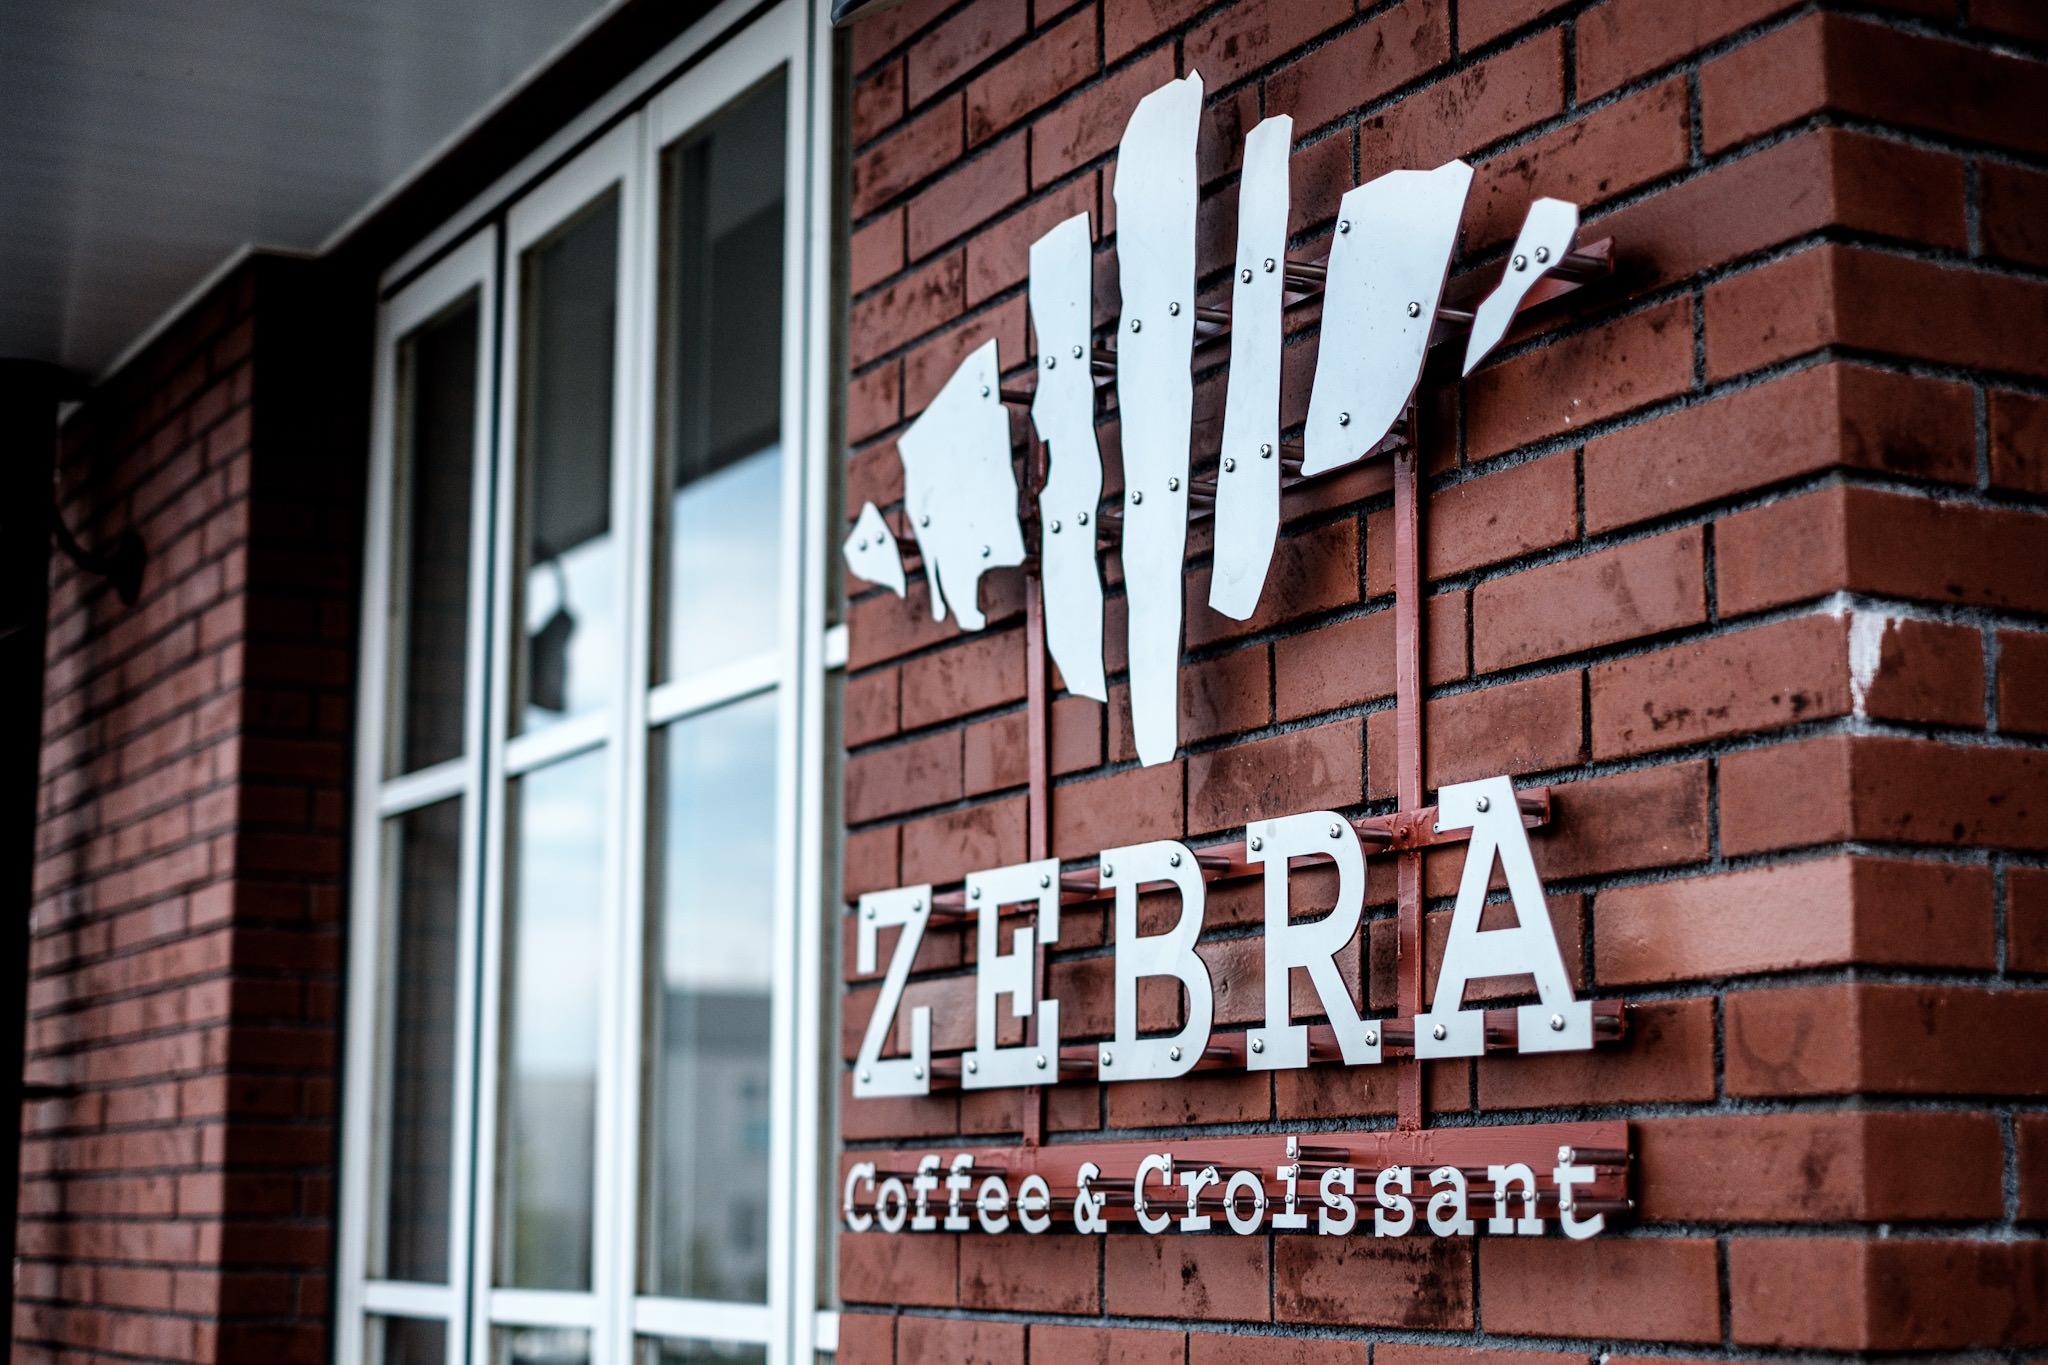 ゼブラコーヒー横浜 看板